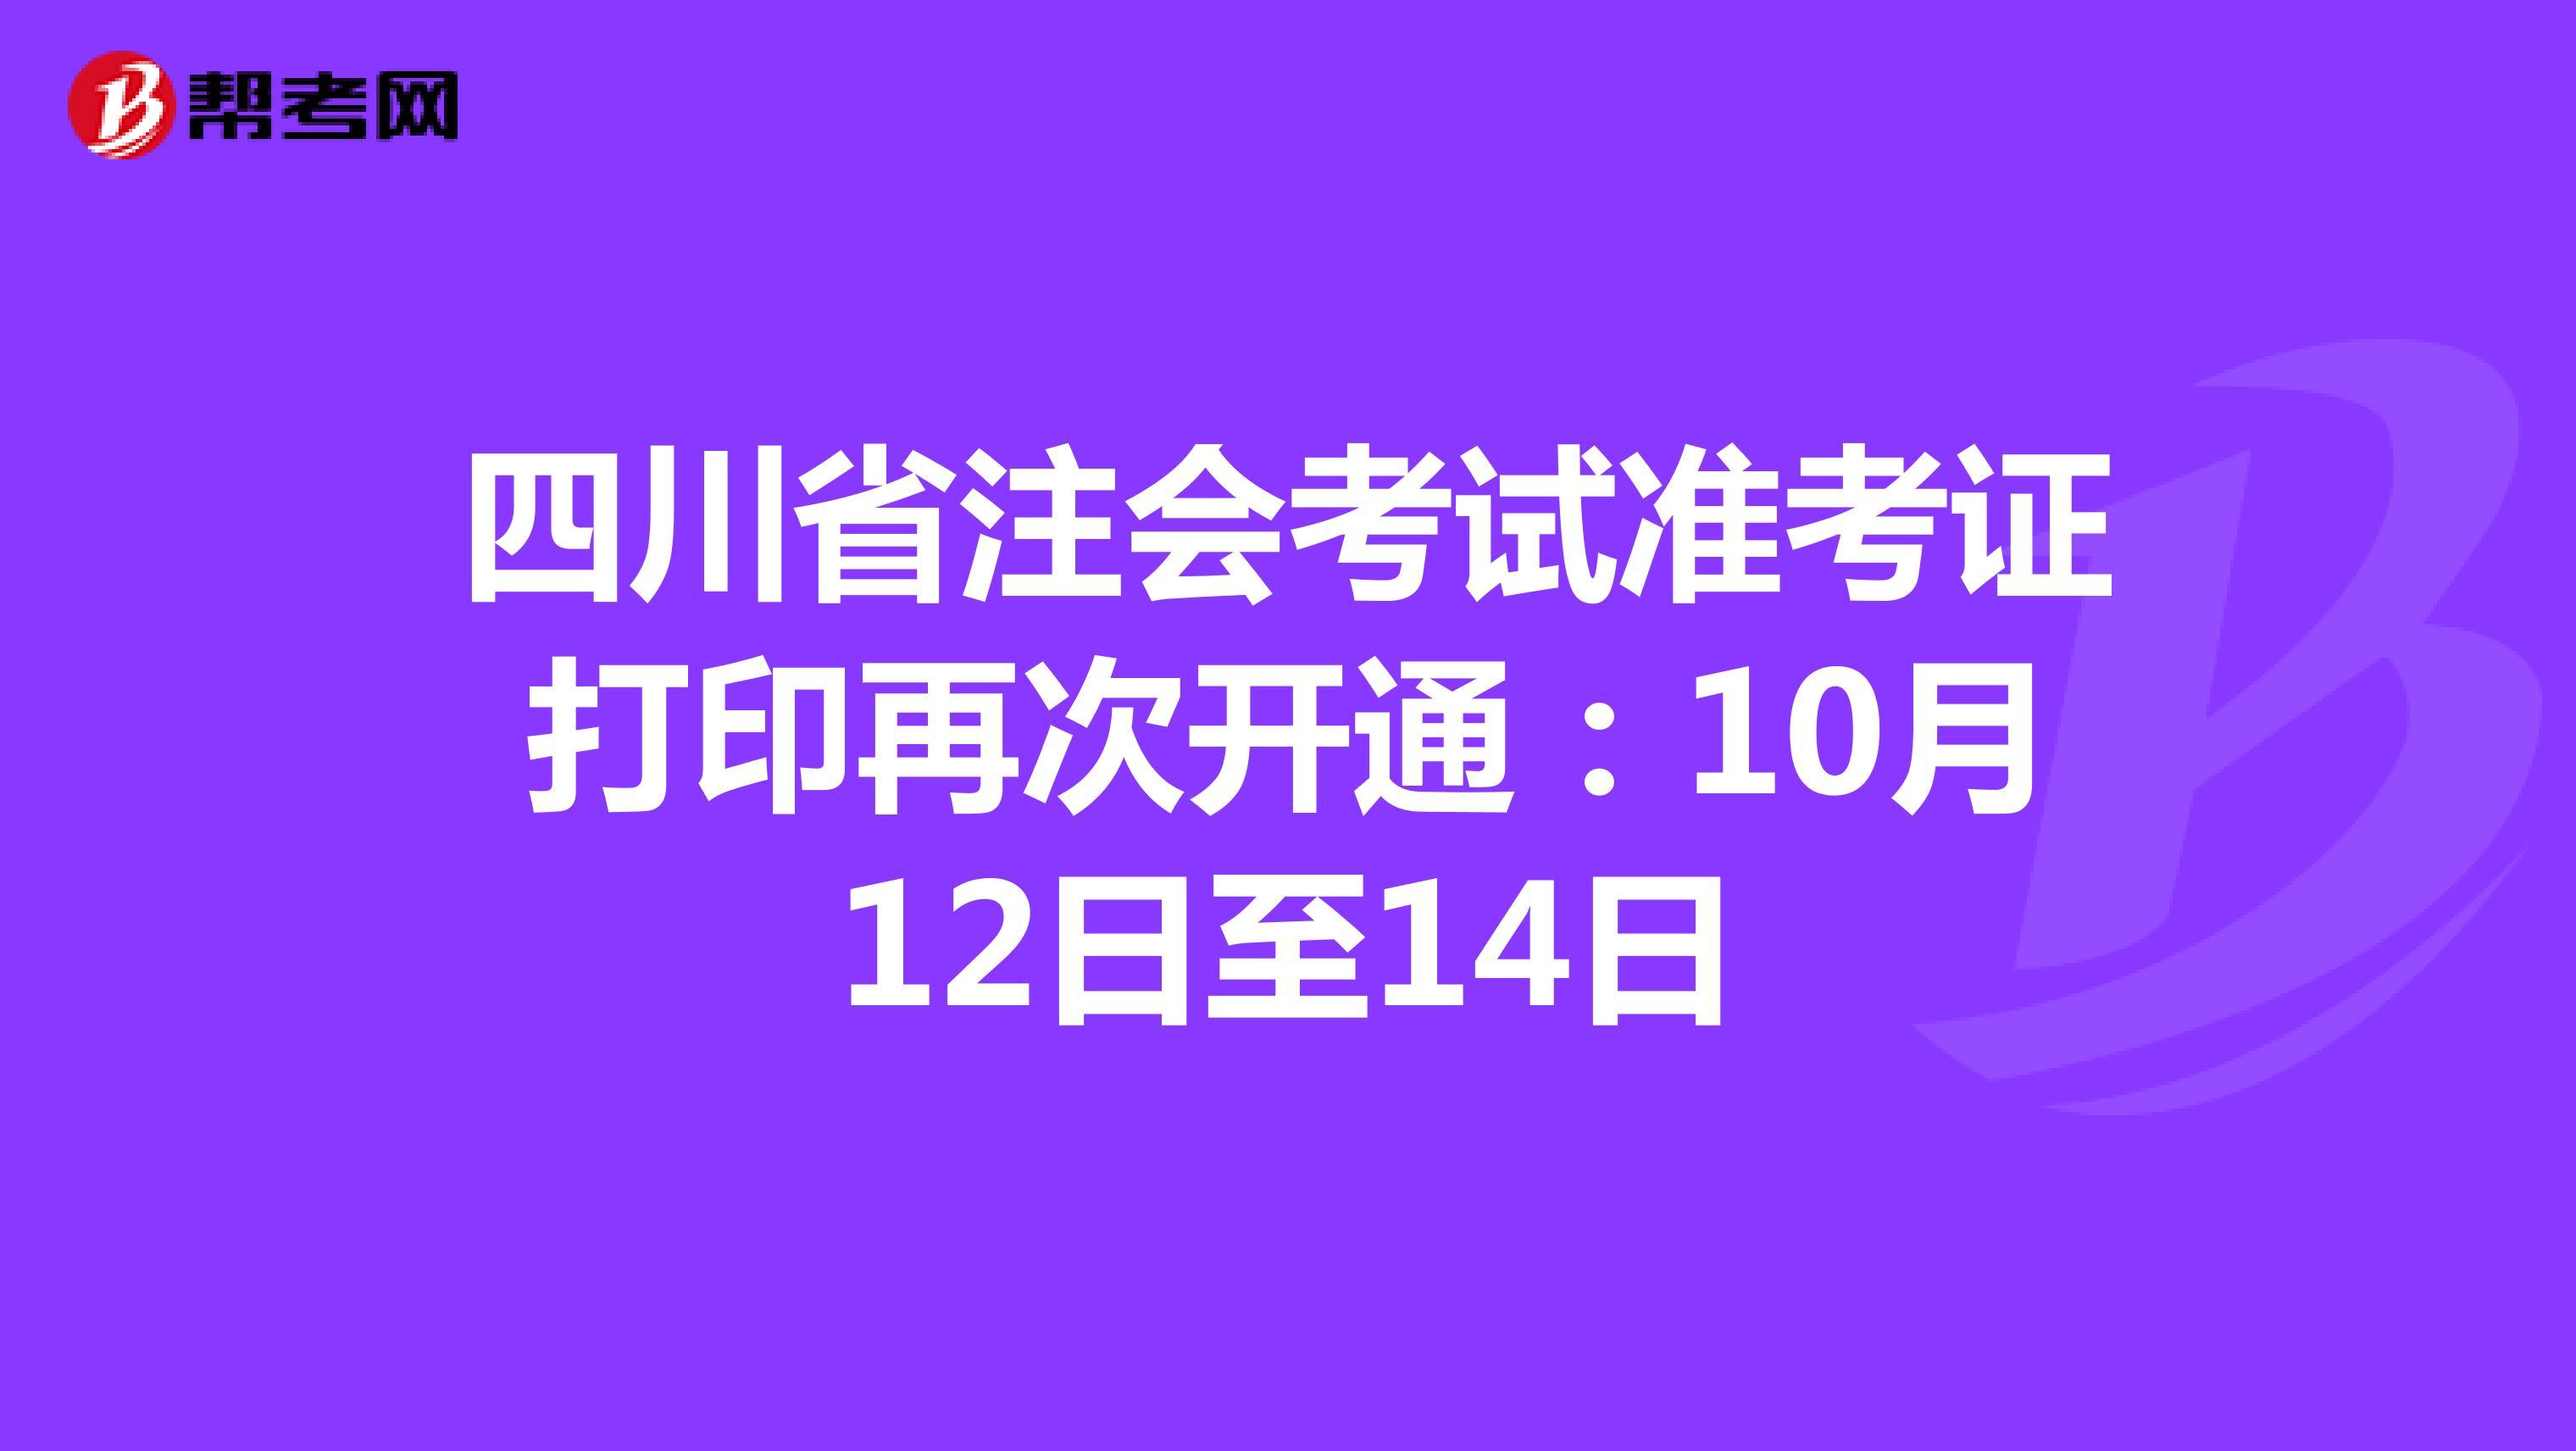 四川省注会雷火雷火雷火再次开通:10月12日至14日